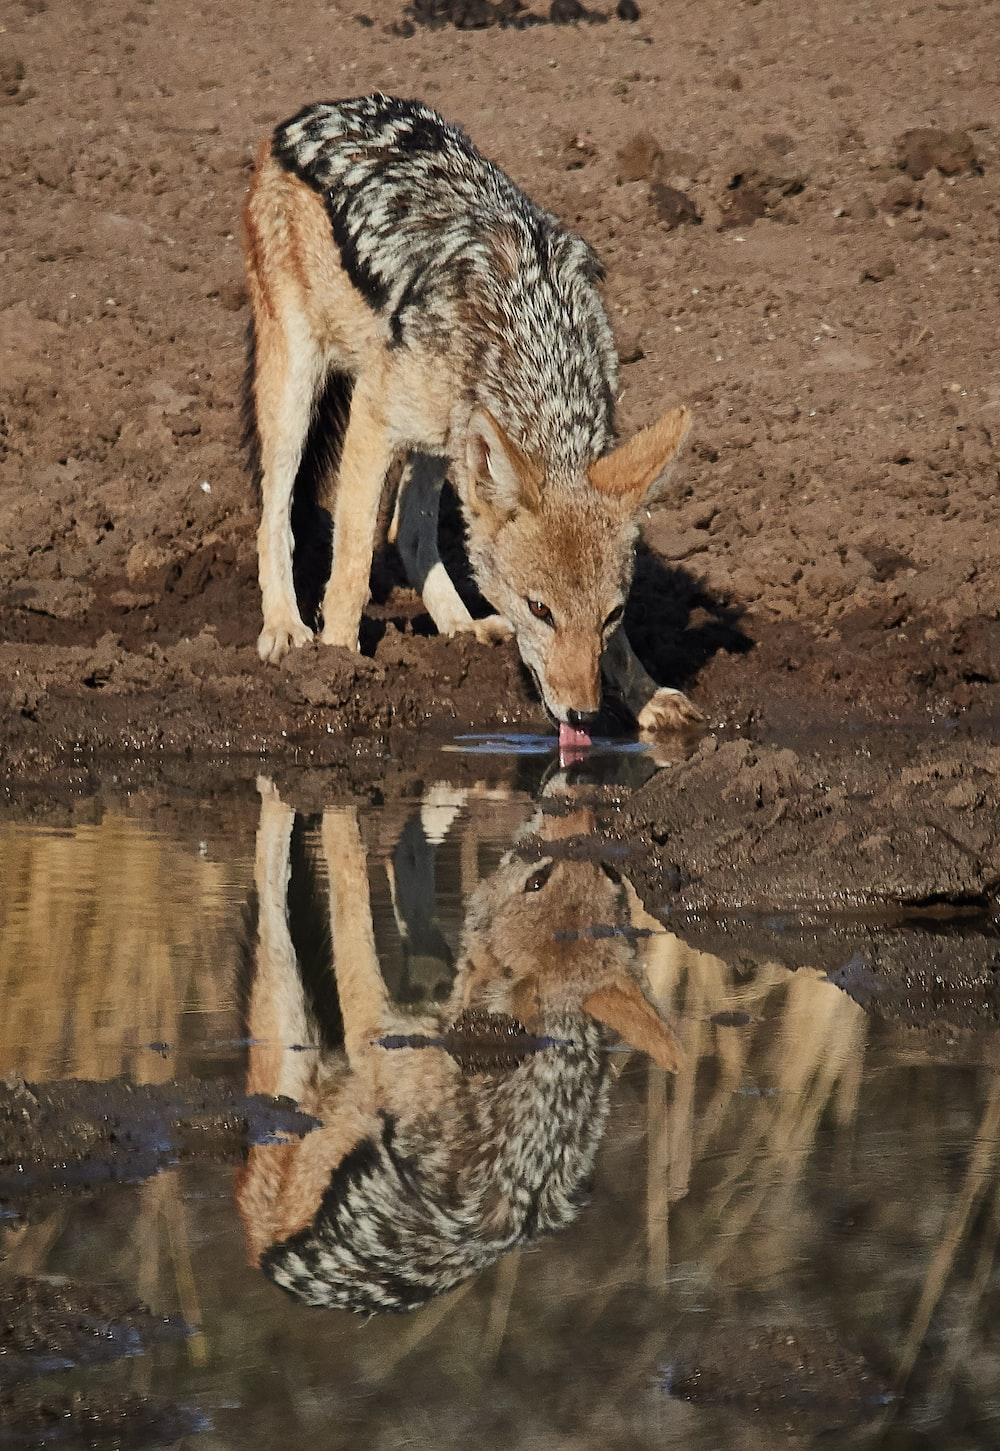 brown and black 4-legged animal drinking water during daytime